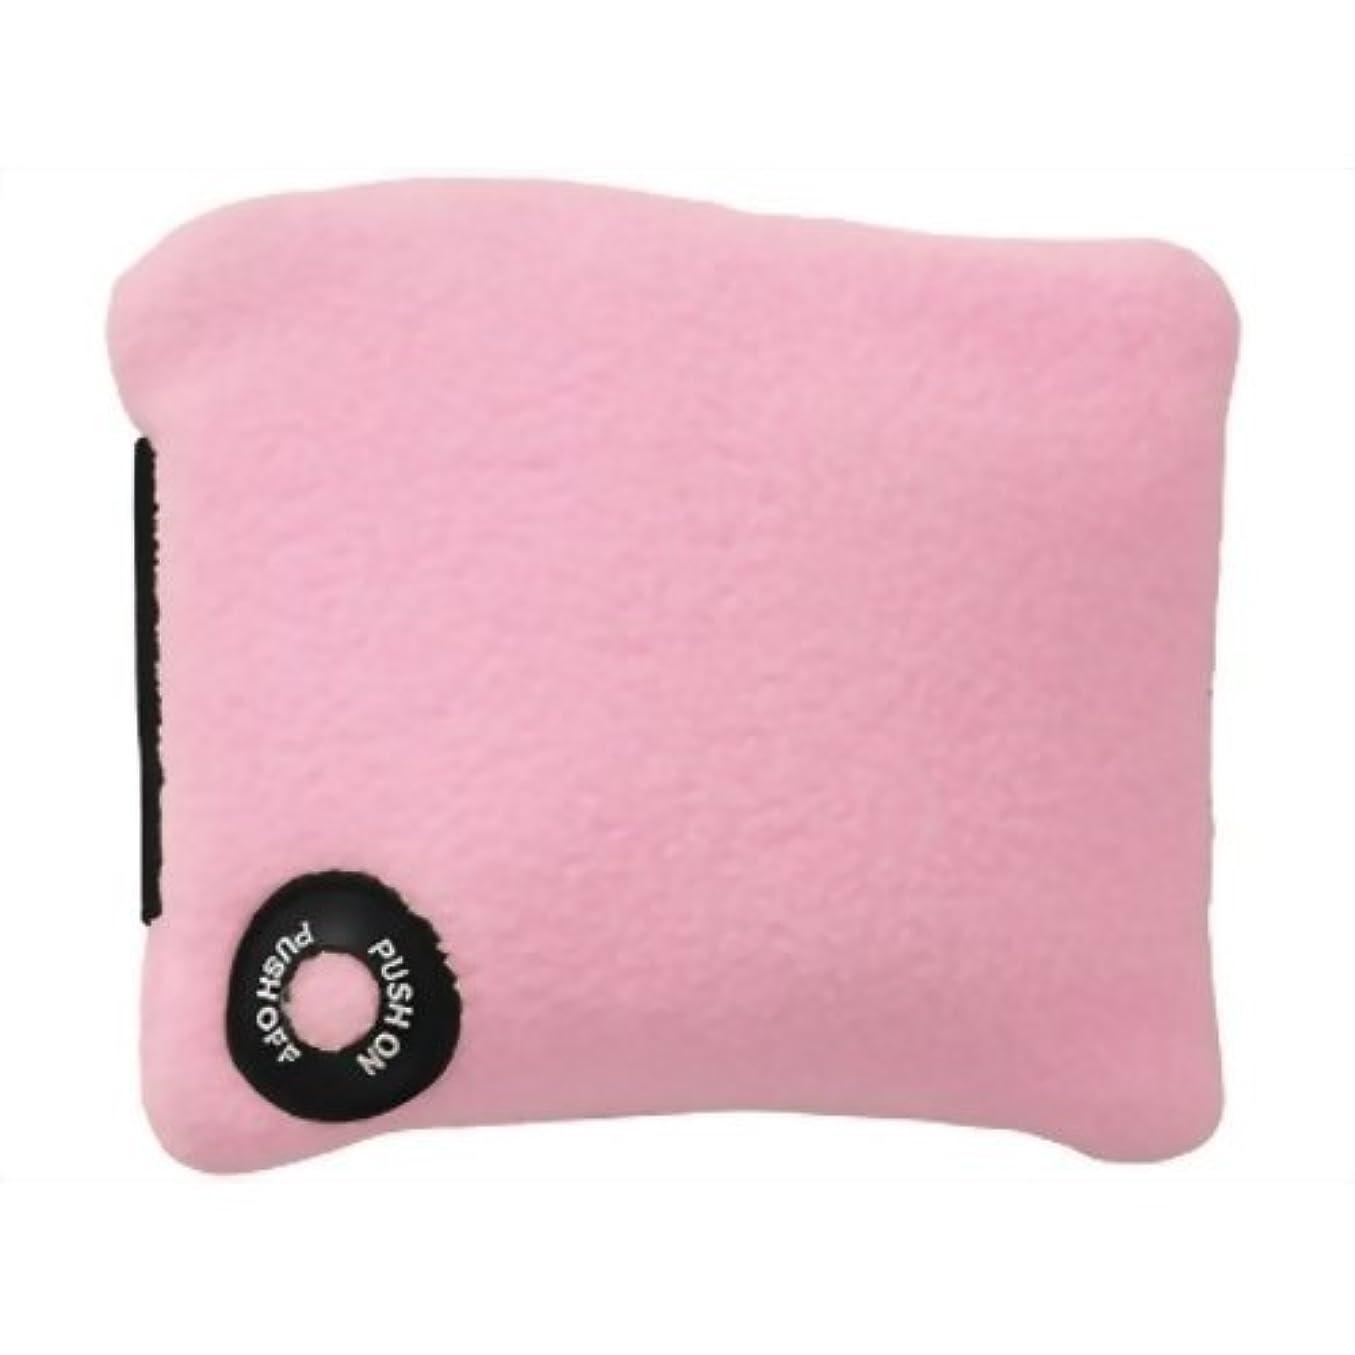 路地魅惑的なブランドぶるる 足用 ピンク フリーサイズ